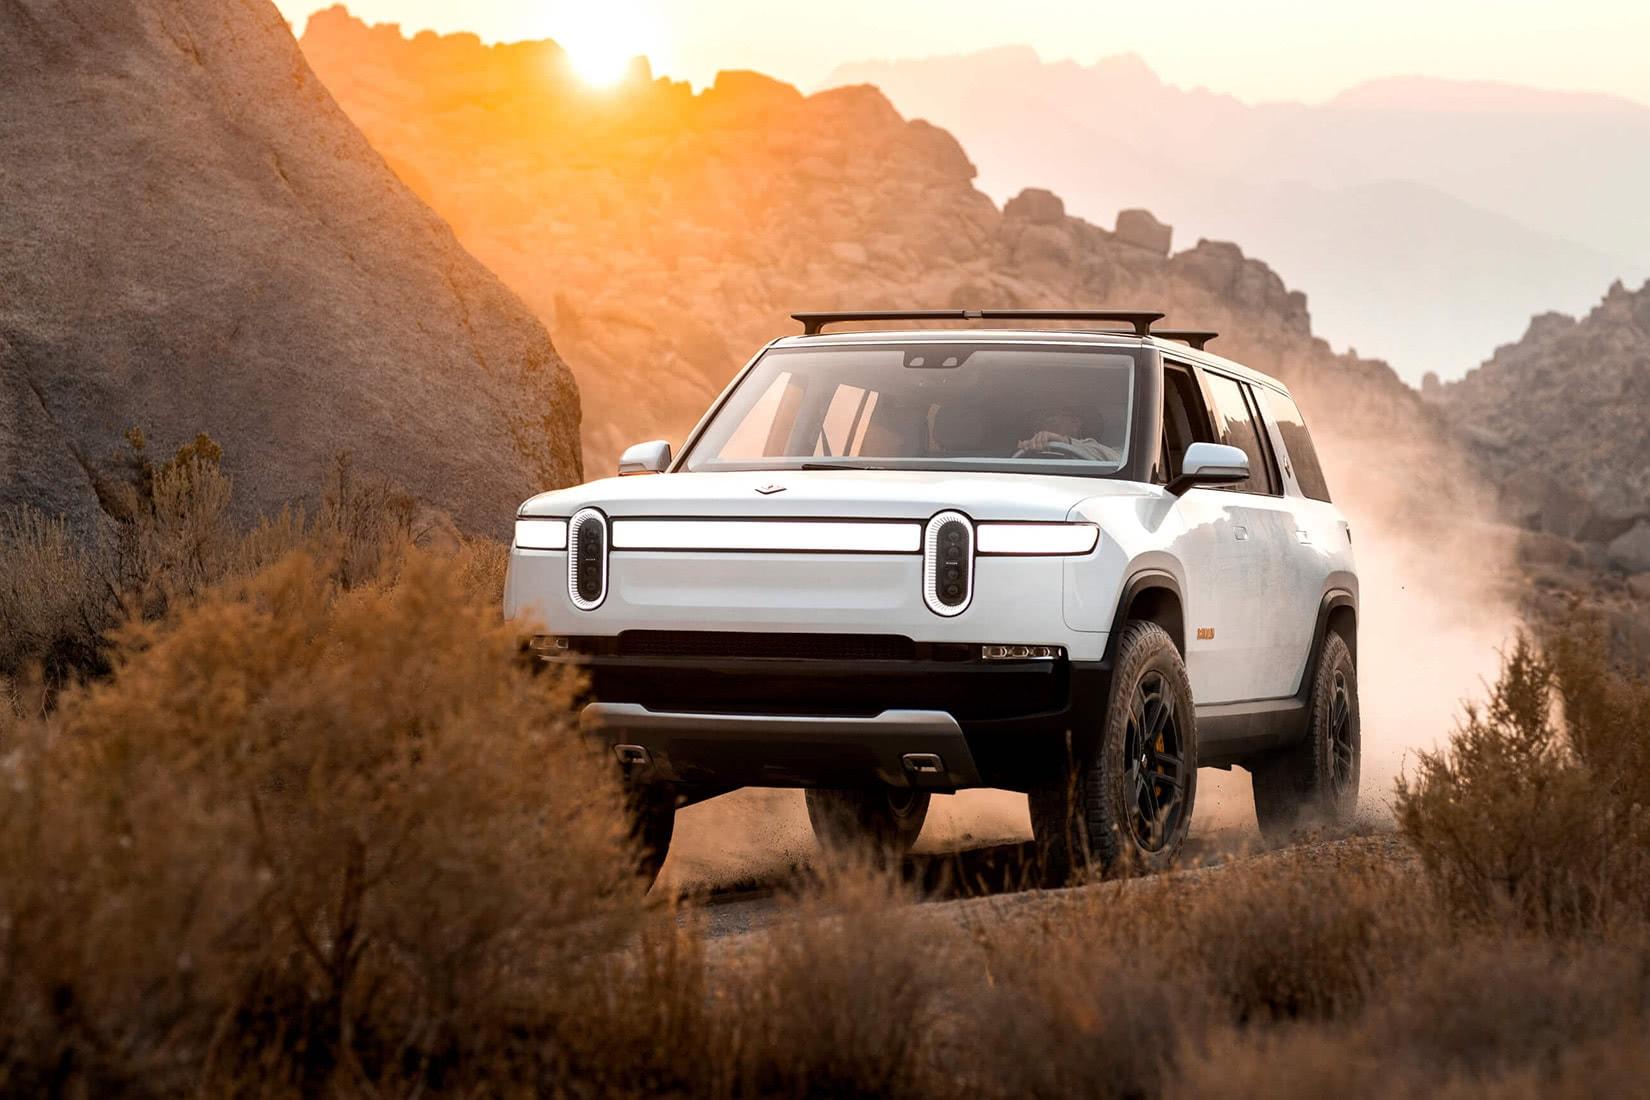 best luxury suv 2021 Rivian R1S - Luxe Digital